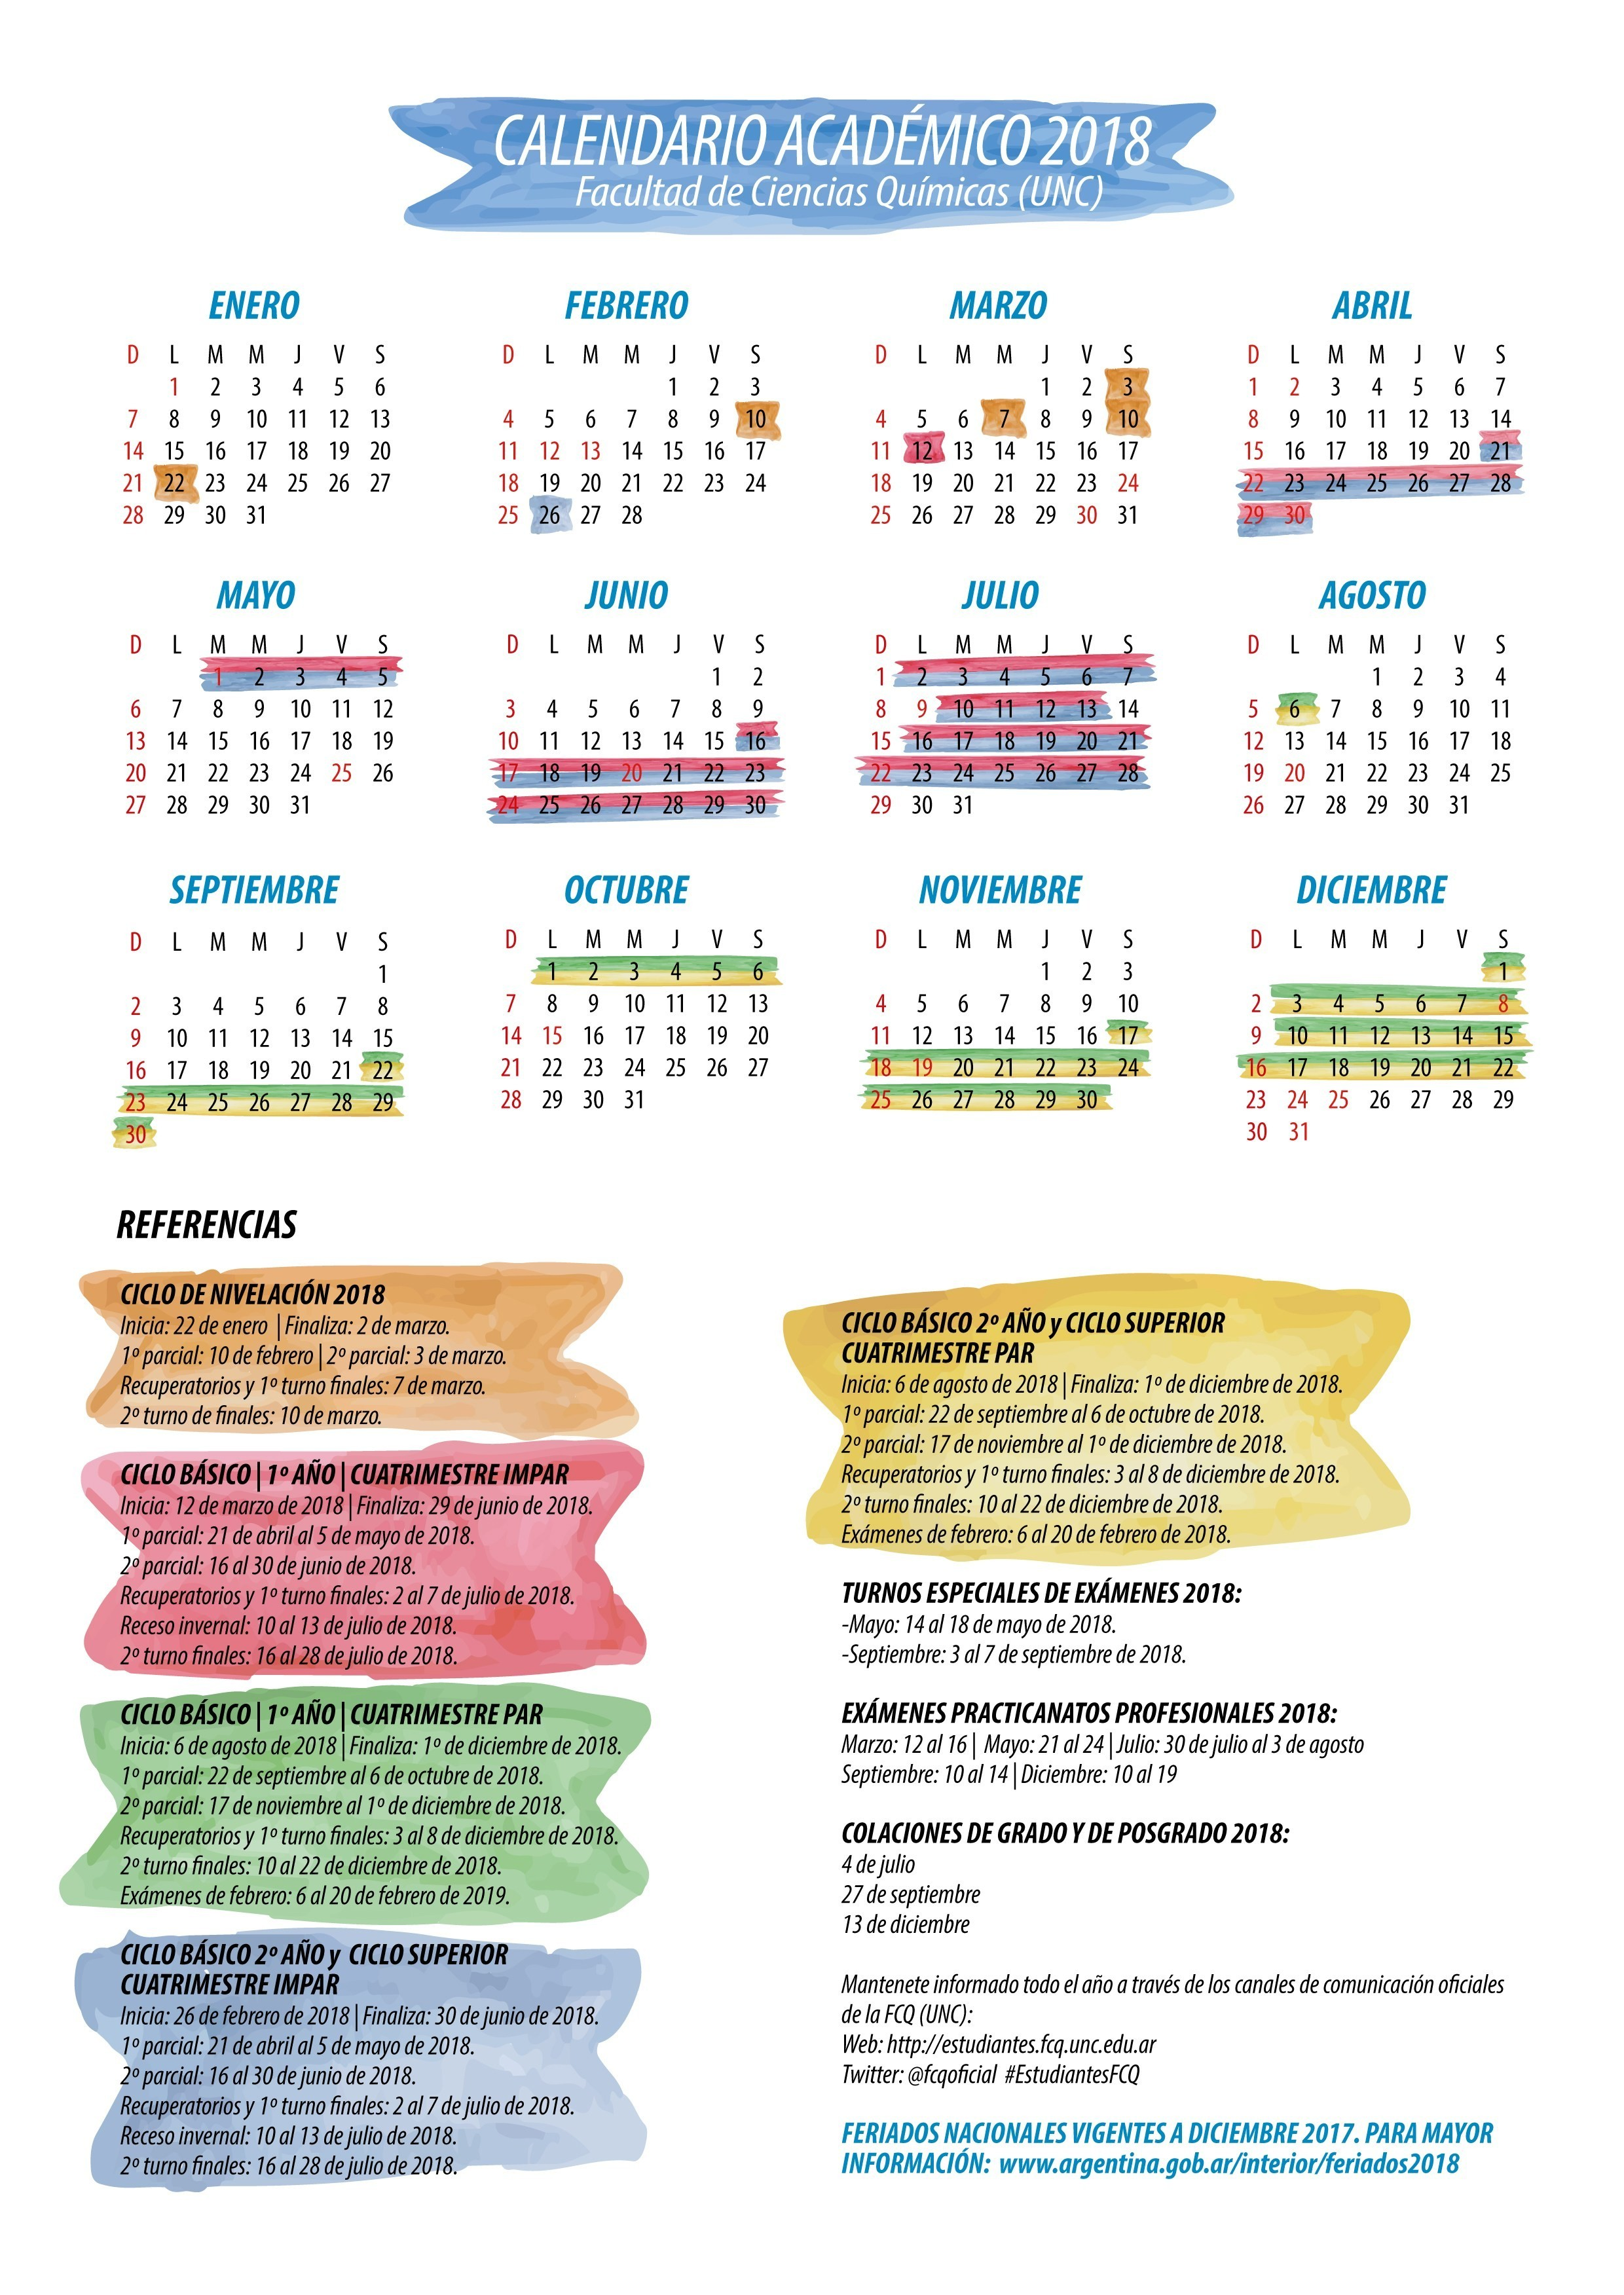 Calendario Junio 2019 Chile Para Imprimir Más Arriba-a-fecha Medios Calendario 2016 Para Imprimir Con Feriados Chile Of Calendario Junio 2019 Chile Para Imprimir Más Recientemente Liberado Observar Calendario 2019 Feriados Colombia